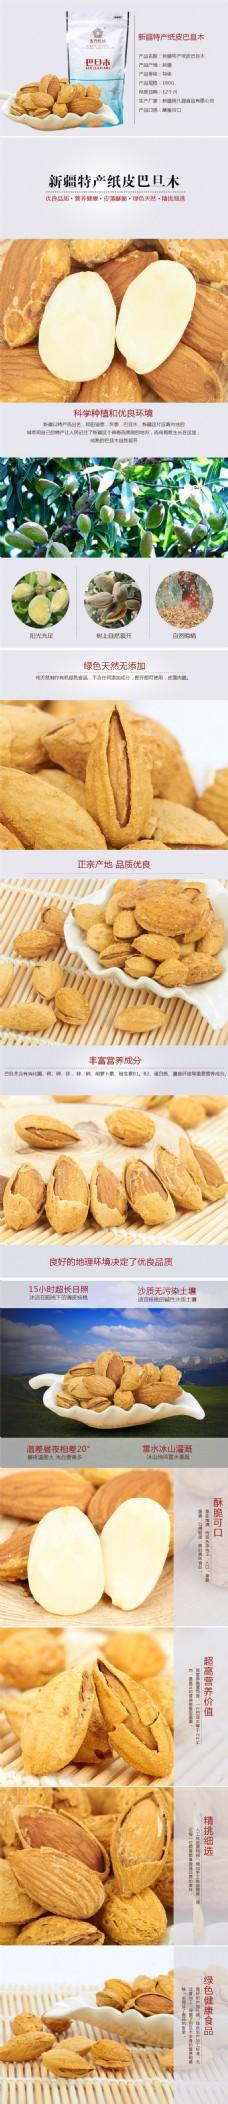 电商淘宝坚果零食美食食品详情页宝贝描述